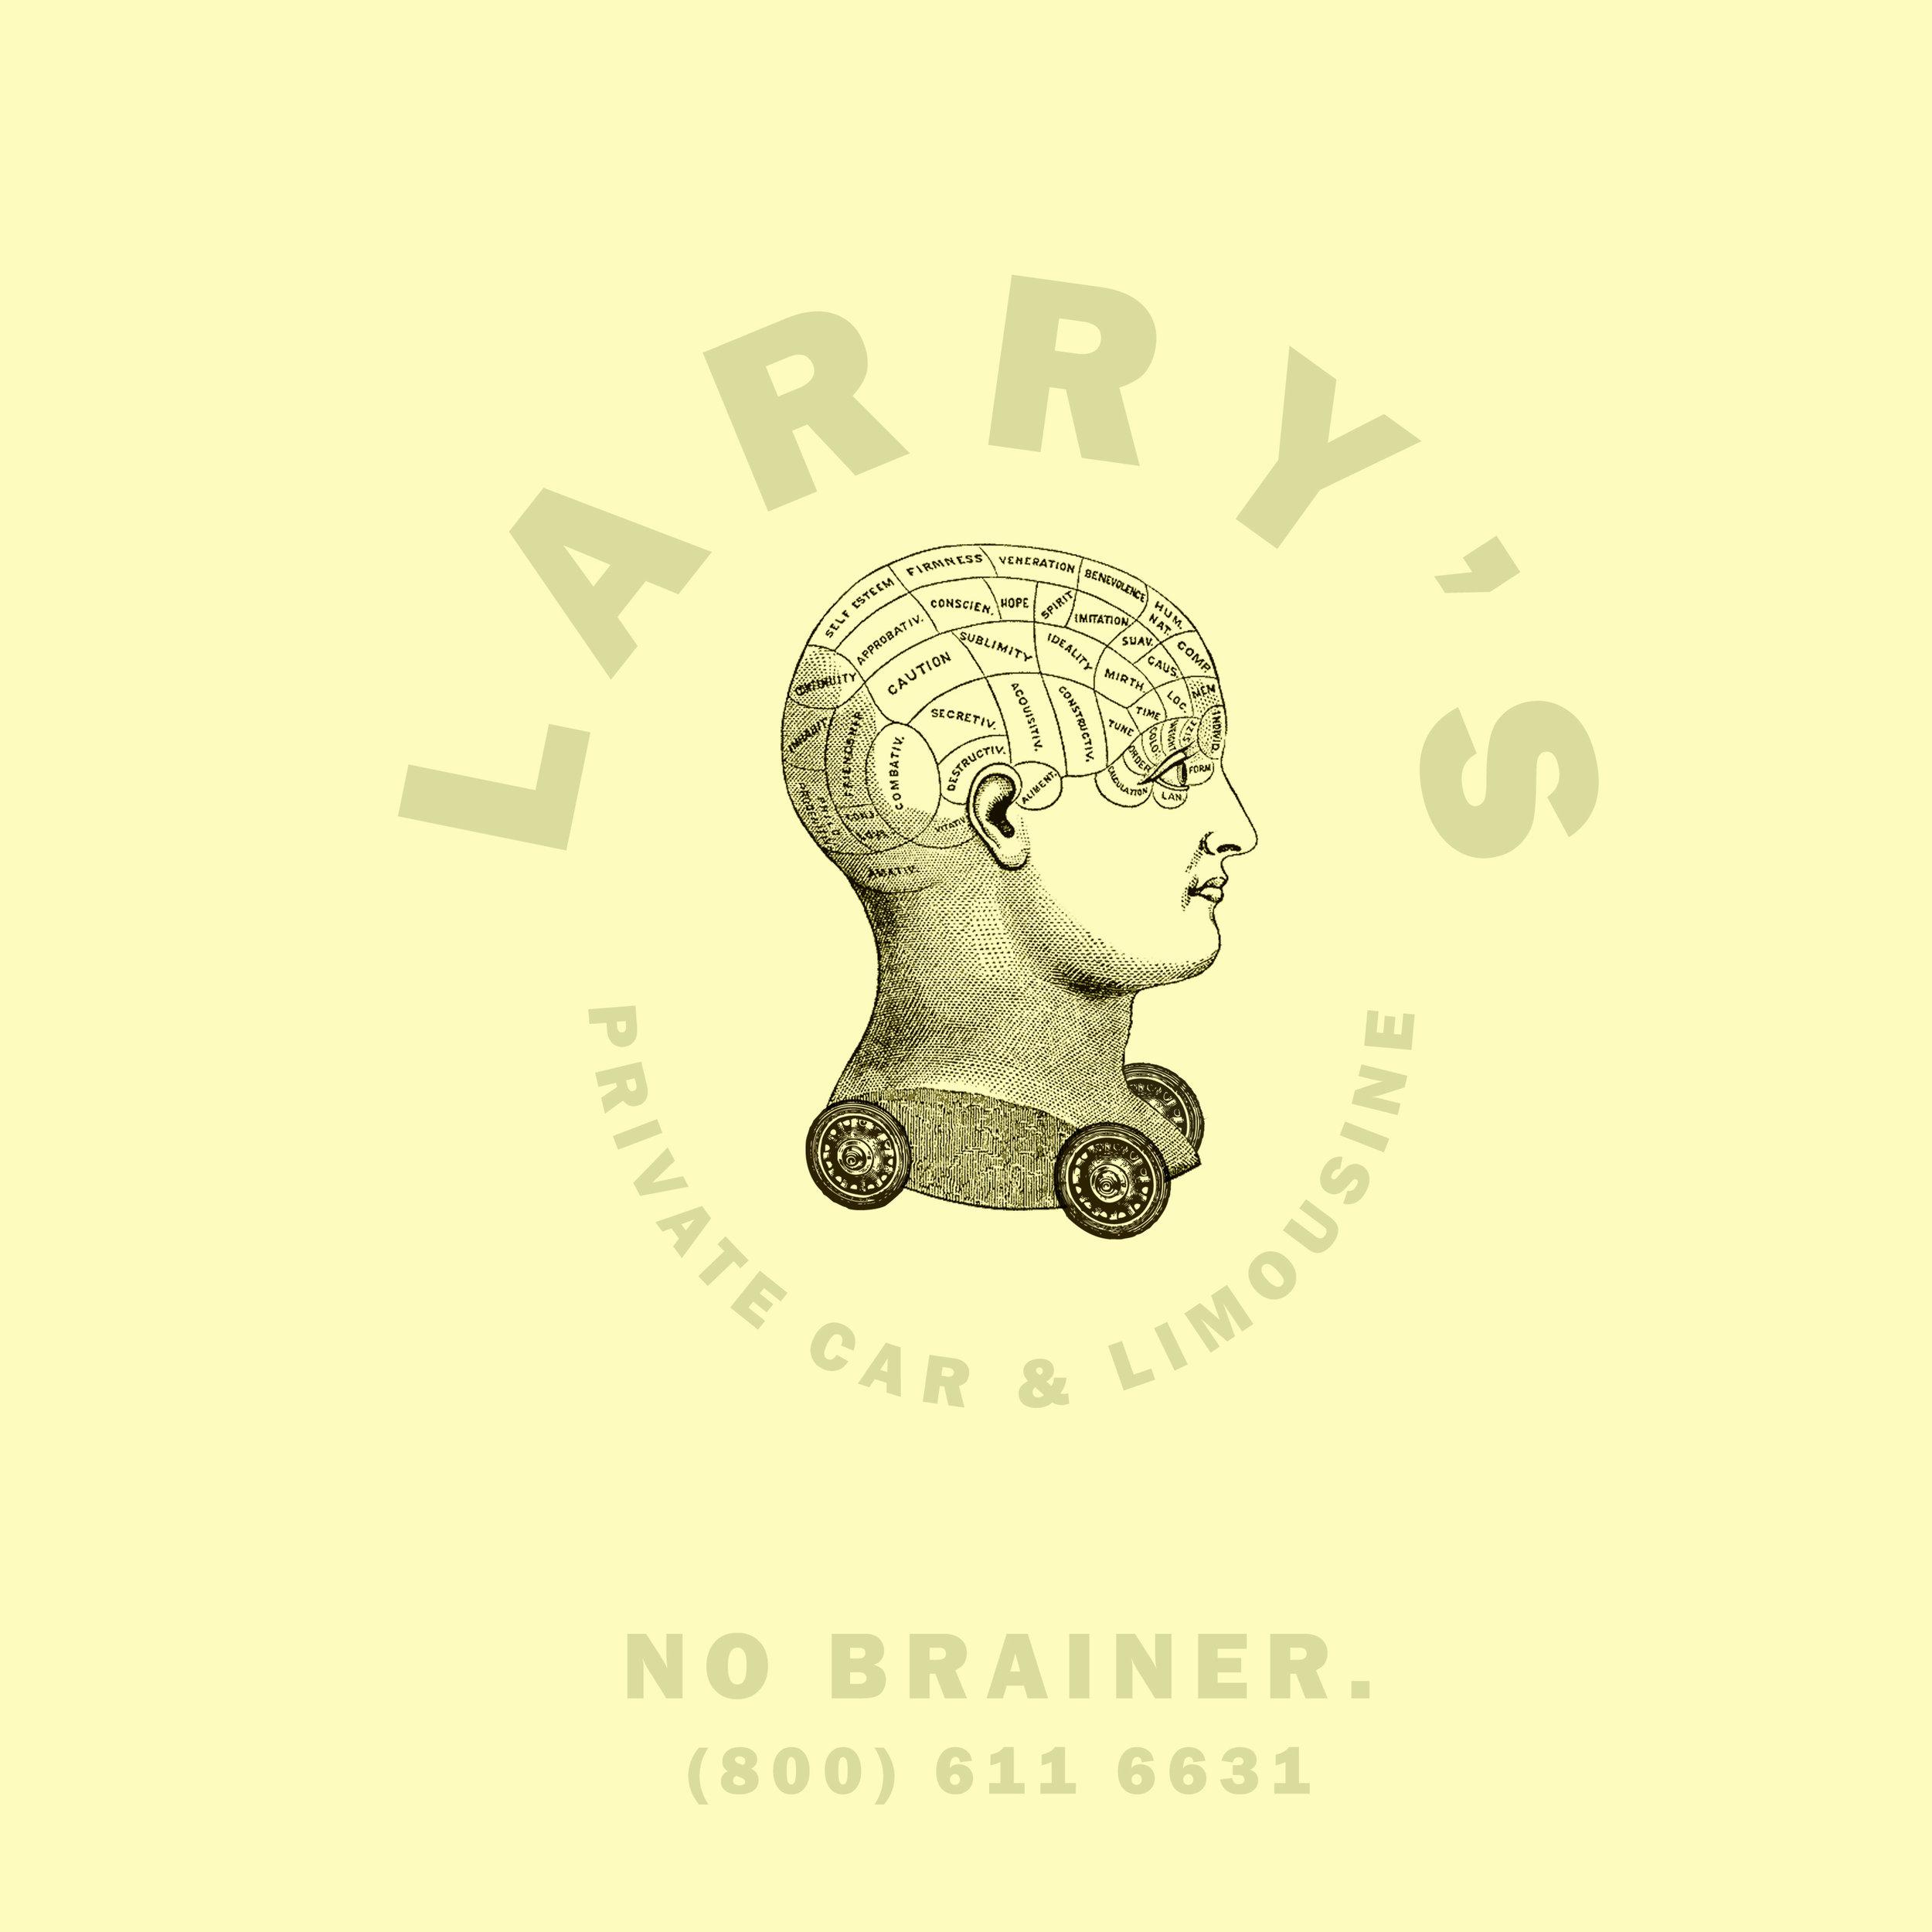 larrys no brainer 3.jpg